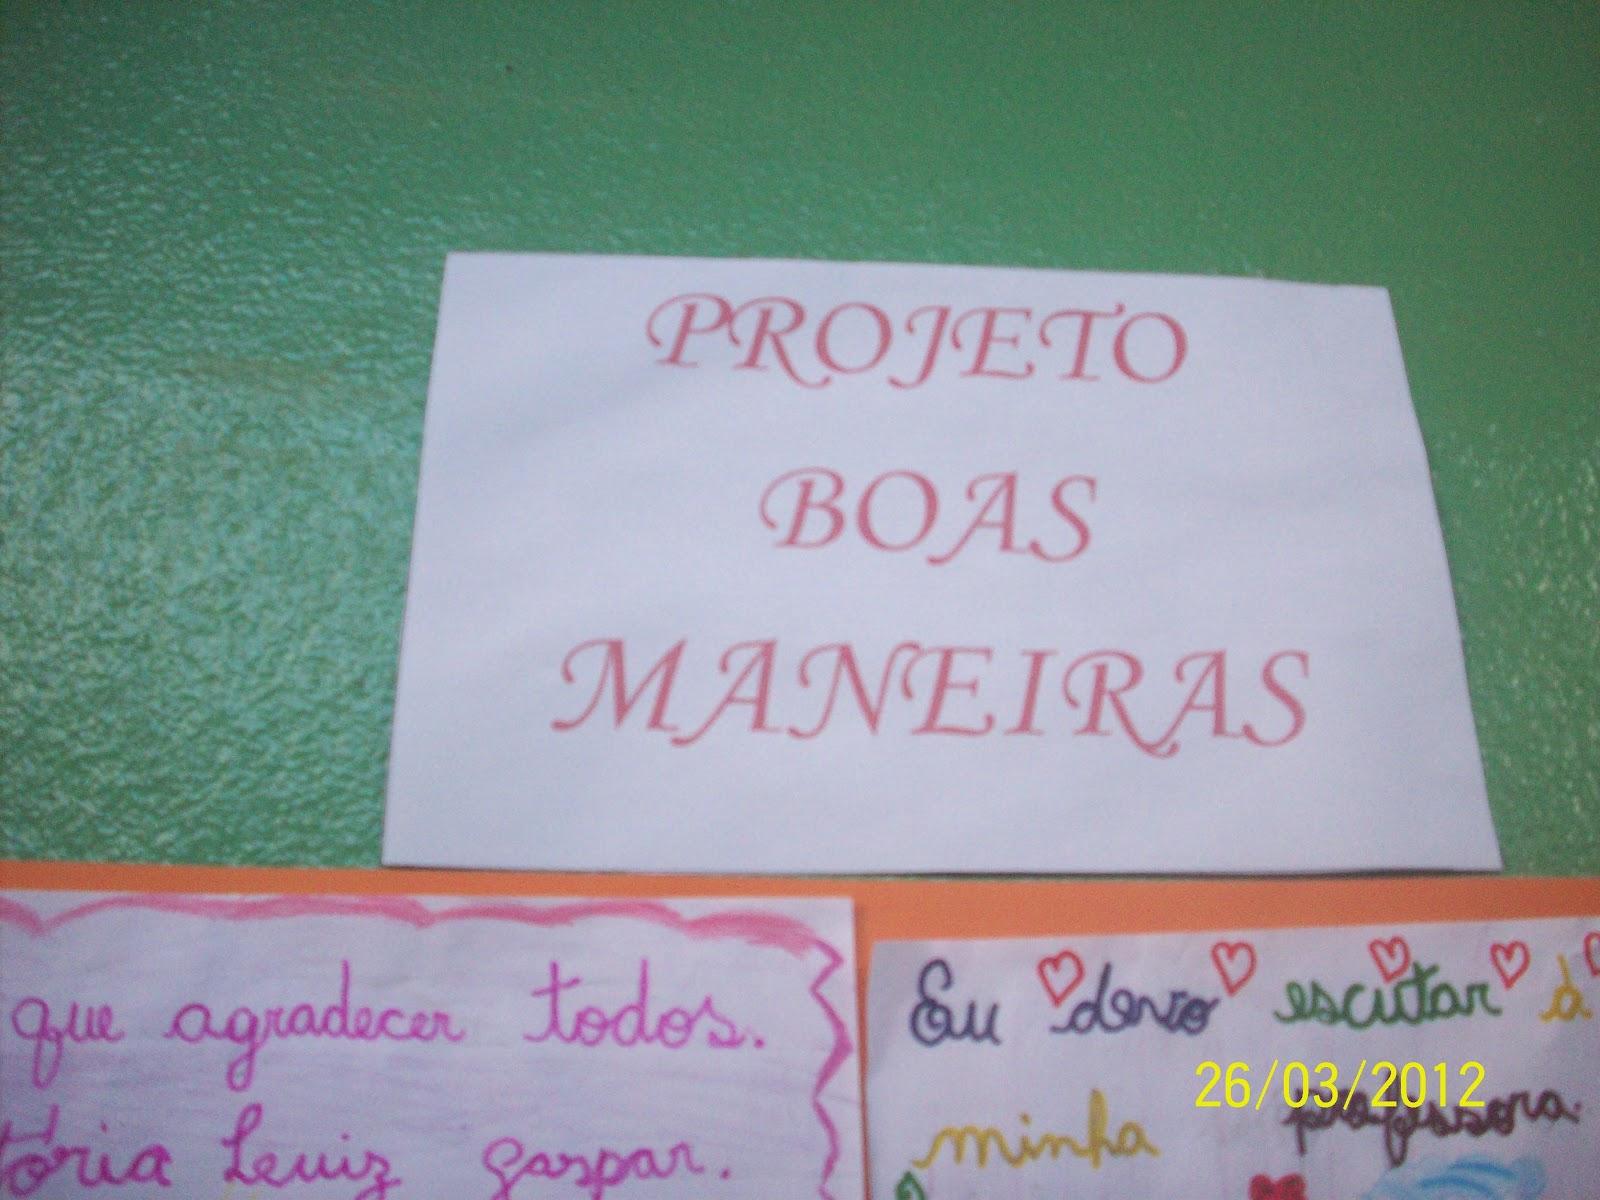 Tema da atividade de prática curriculara avaliação em grande escala no brasil 6